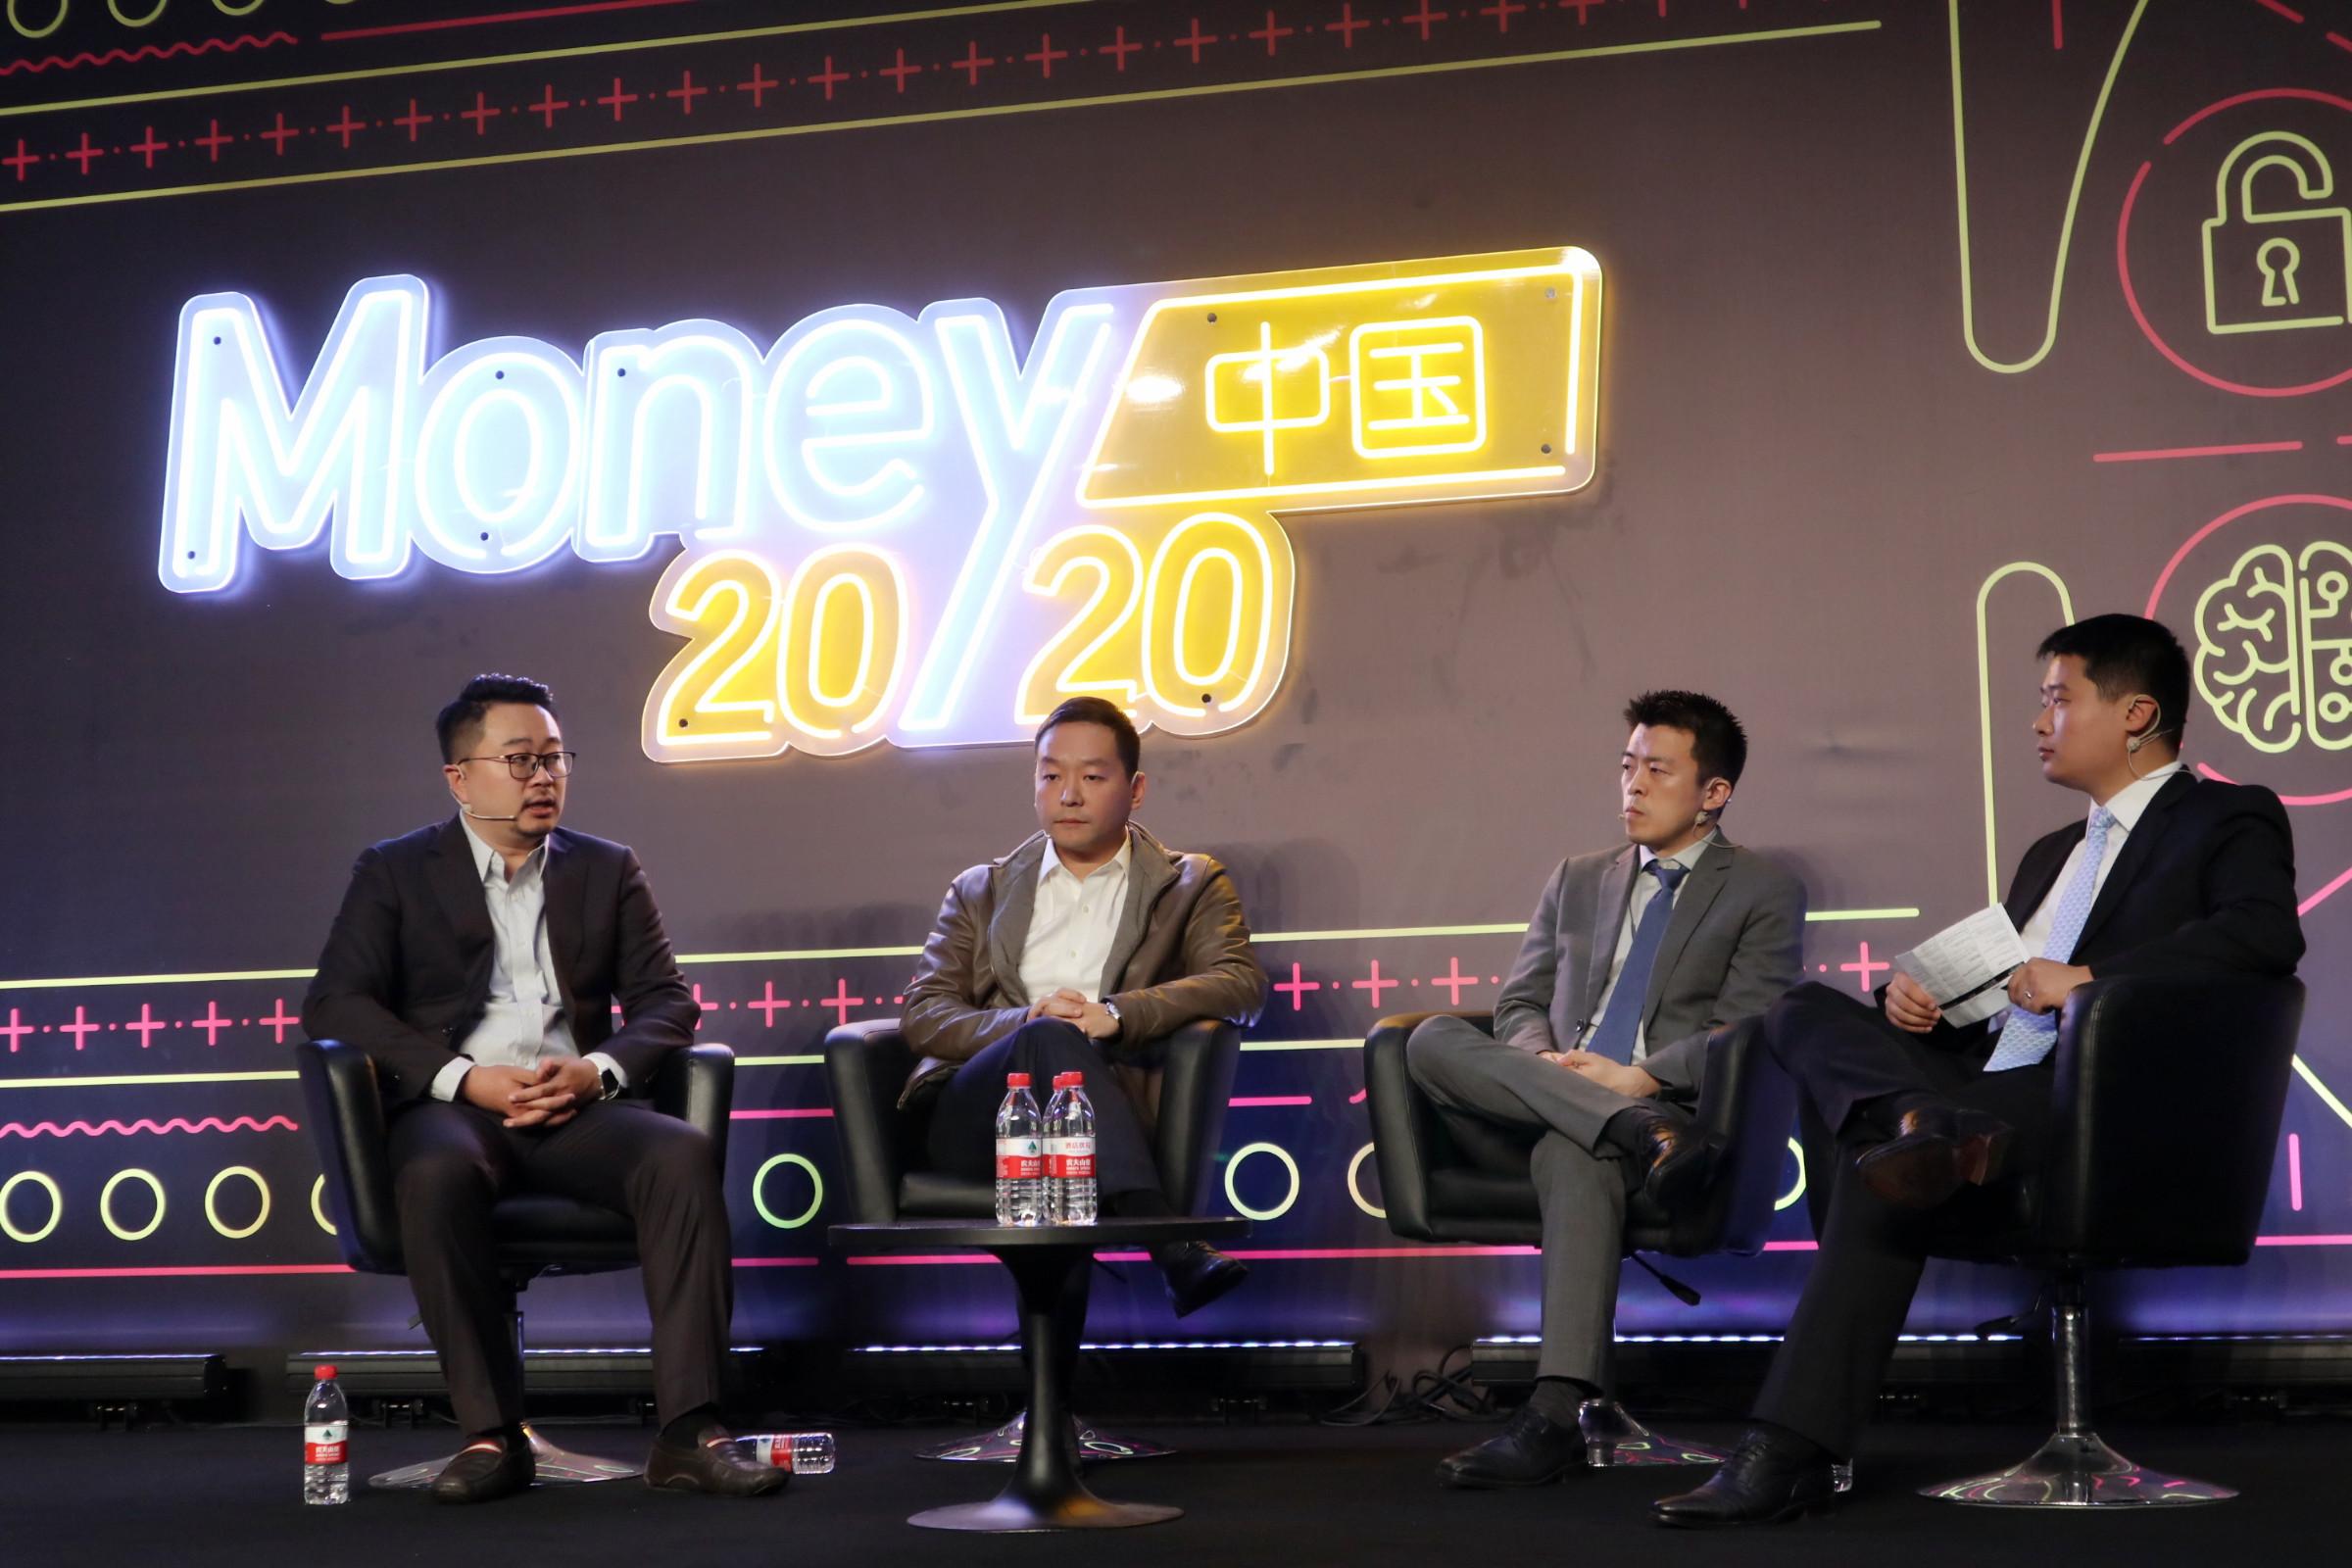 智融集团CEO焦可亮相Money20/20首届中国大会与行业大咖探讨智能